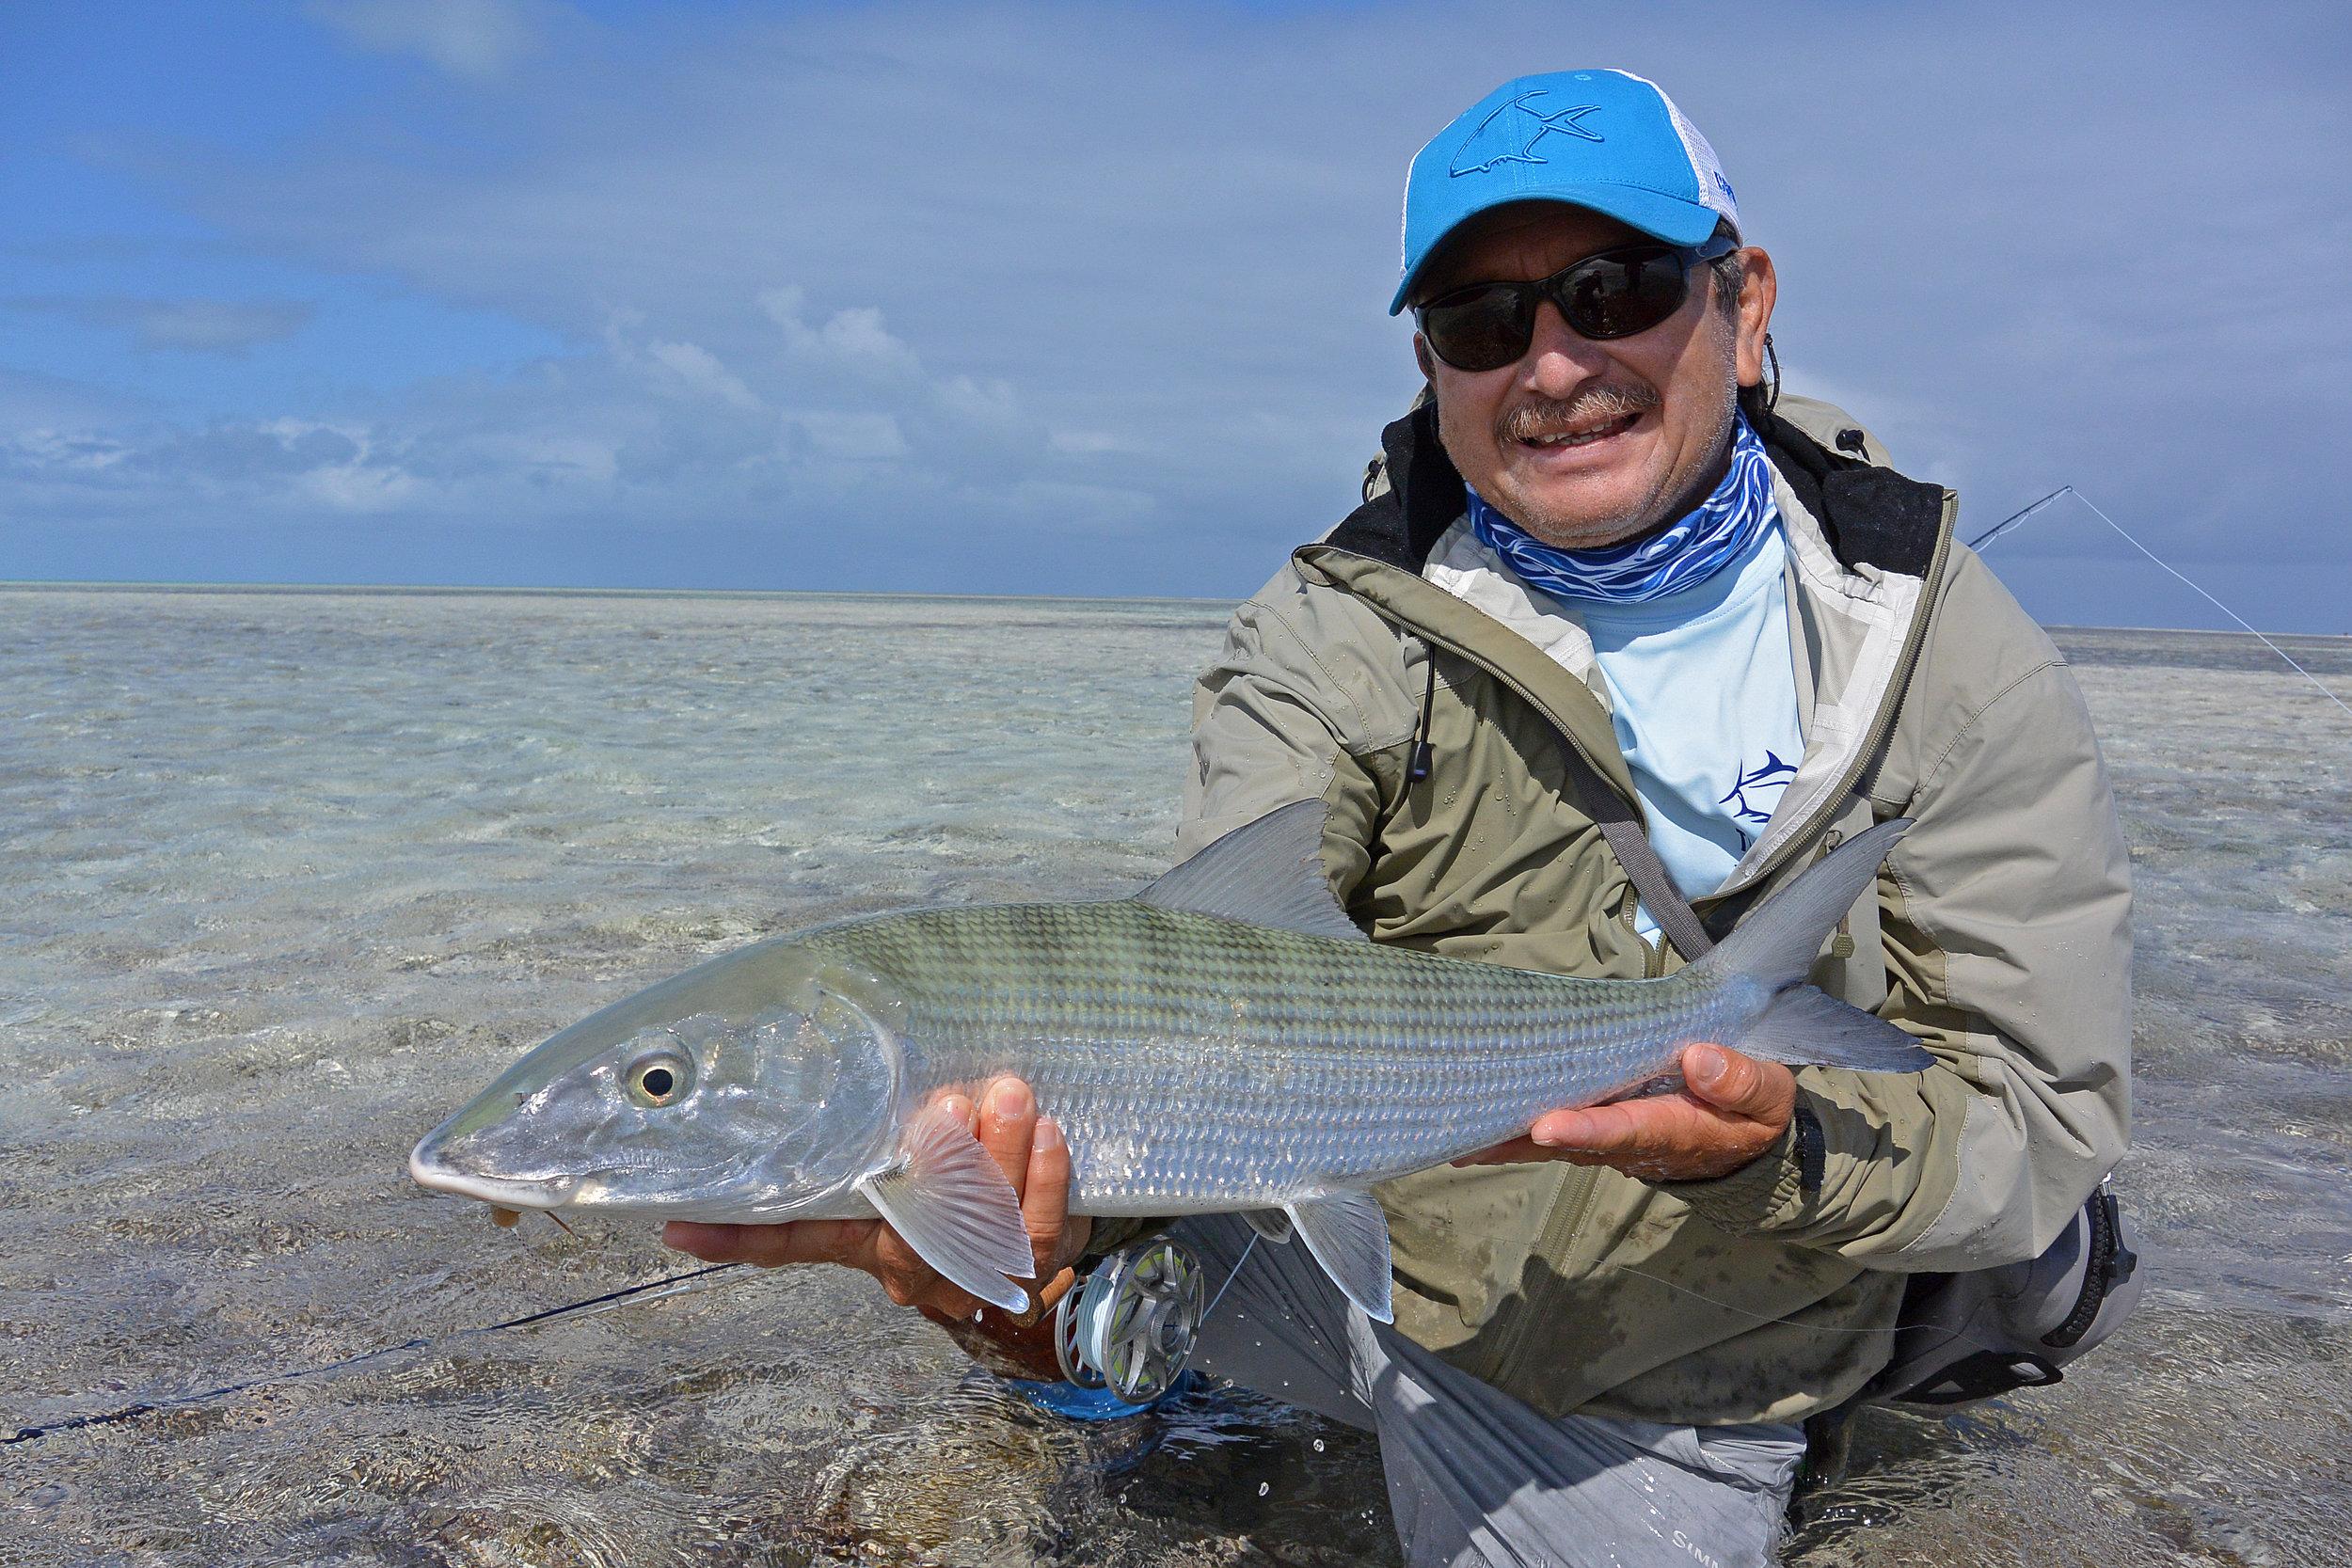 stb-fishing-4.jpg